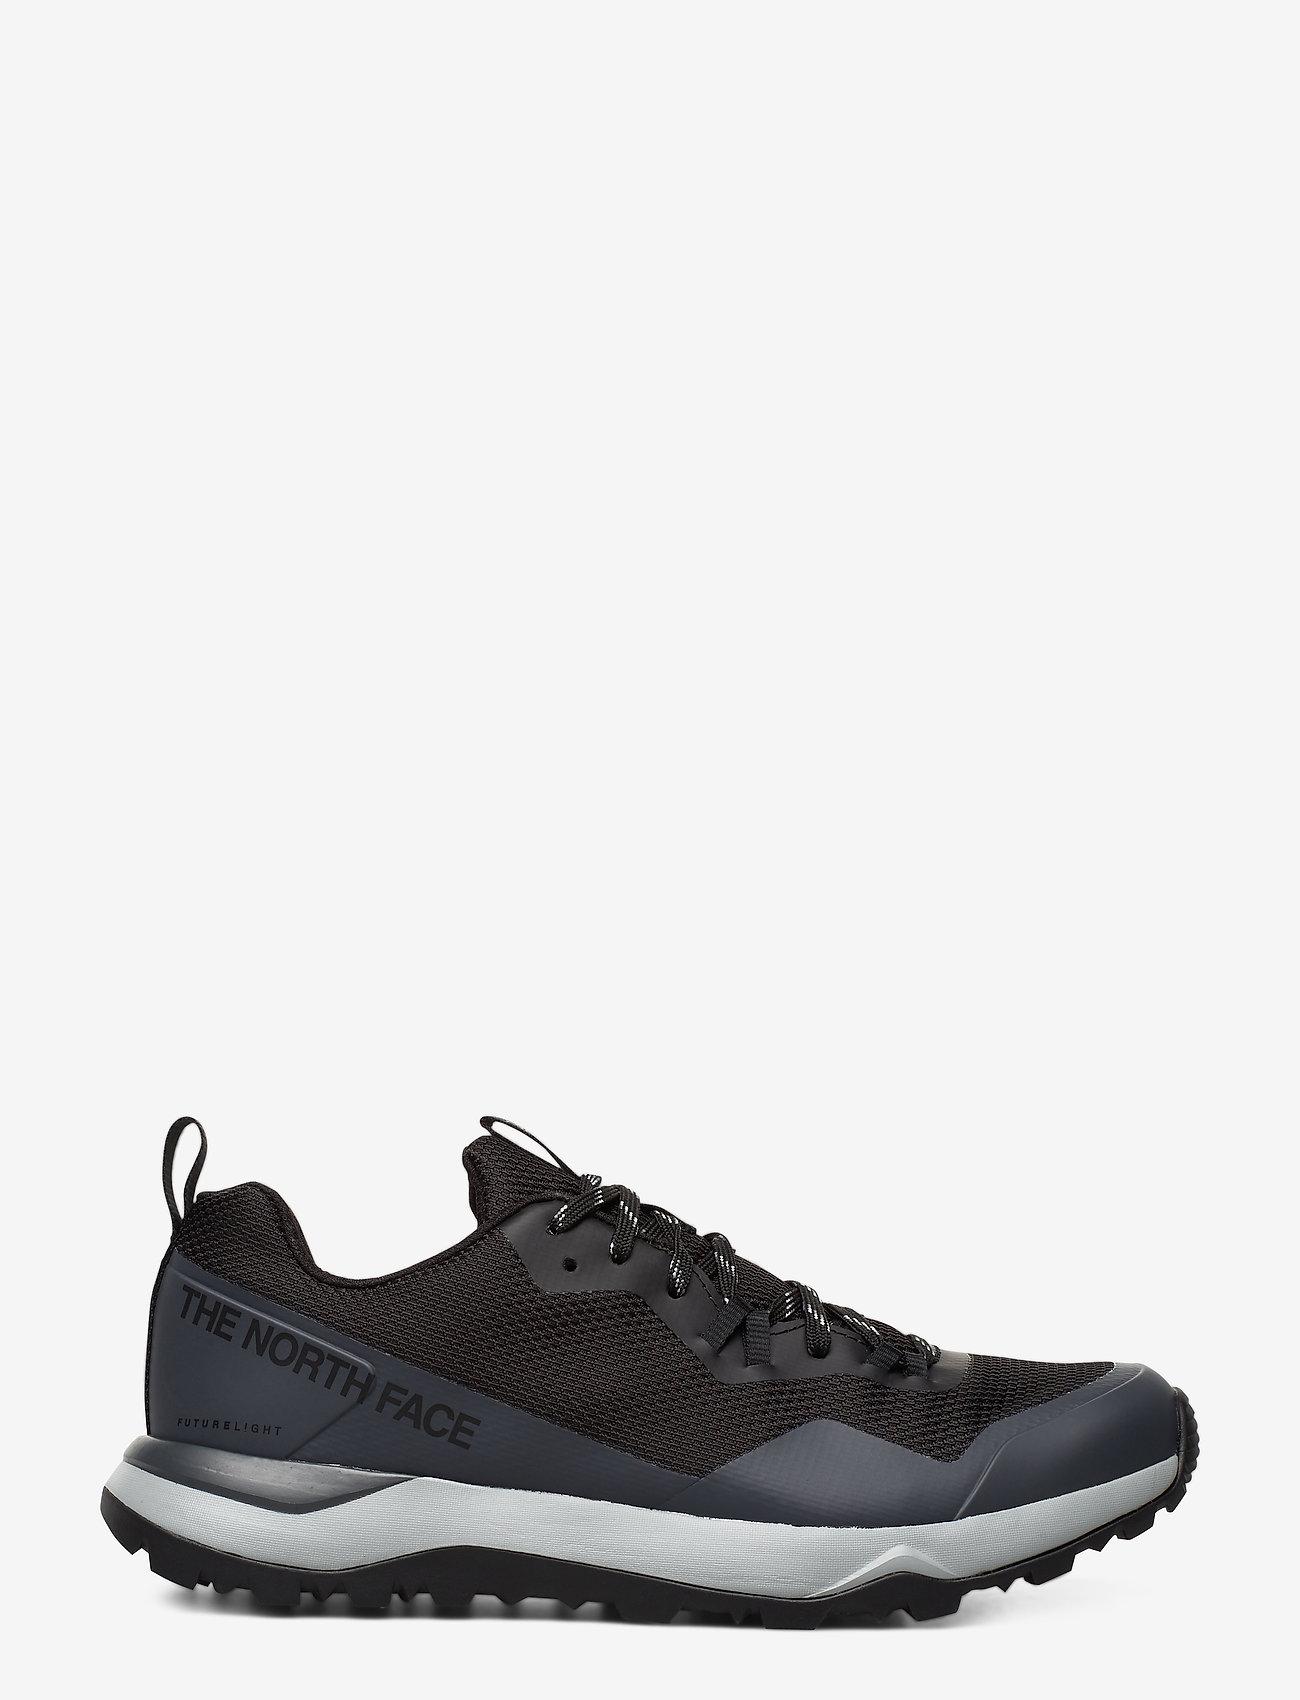 The North Face - M ACTIVIST FUTRLIGHT - chaussures de randonnée - tnf black/zinc grey - 1